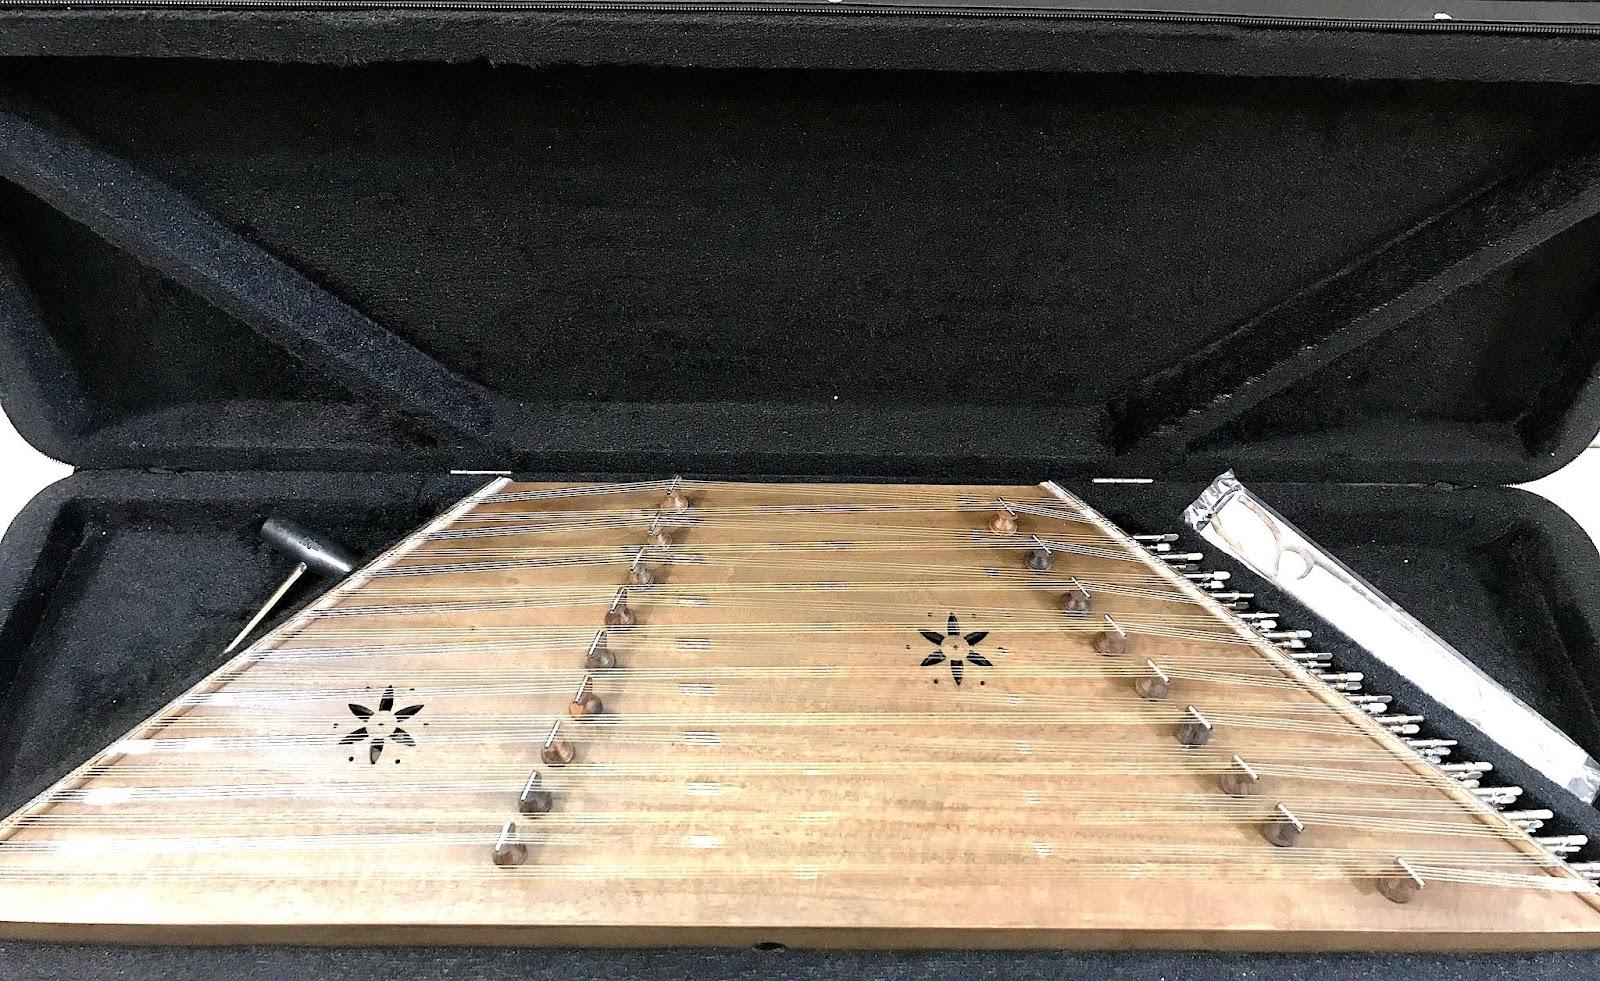 ساز سنتور رضوانی سه مهر با جعبه یونولیتی